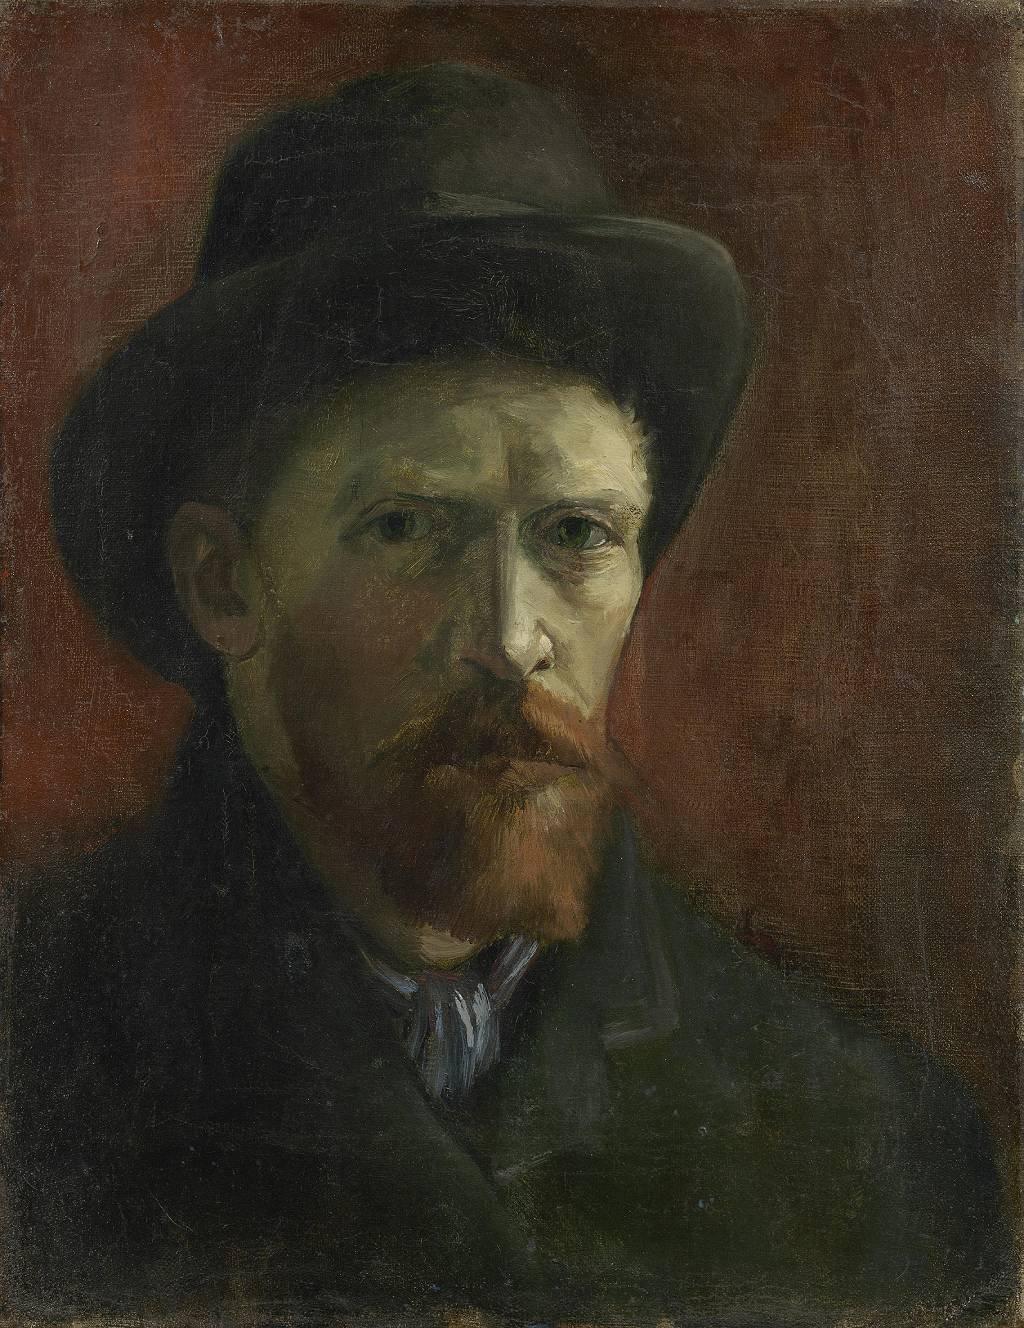 Autorretrato con sombrero de fieltro